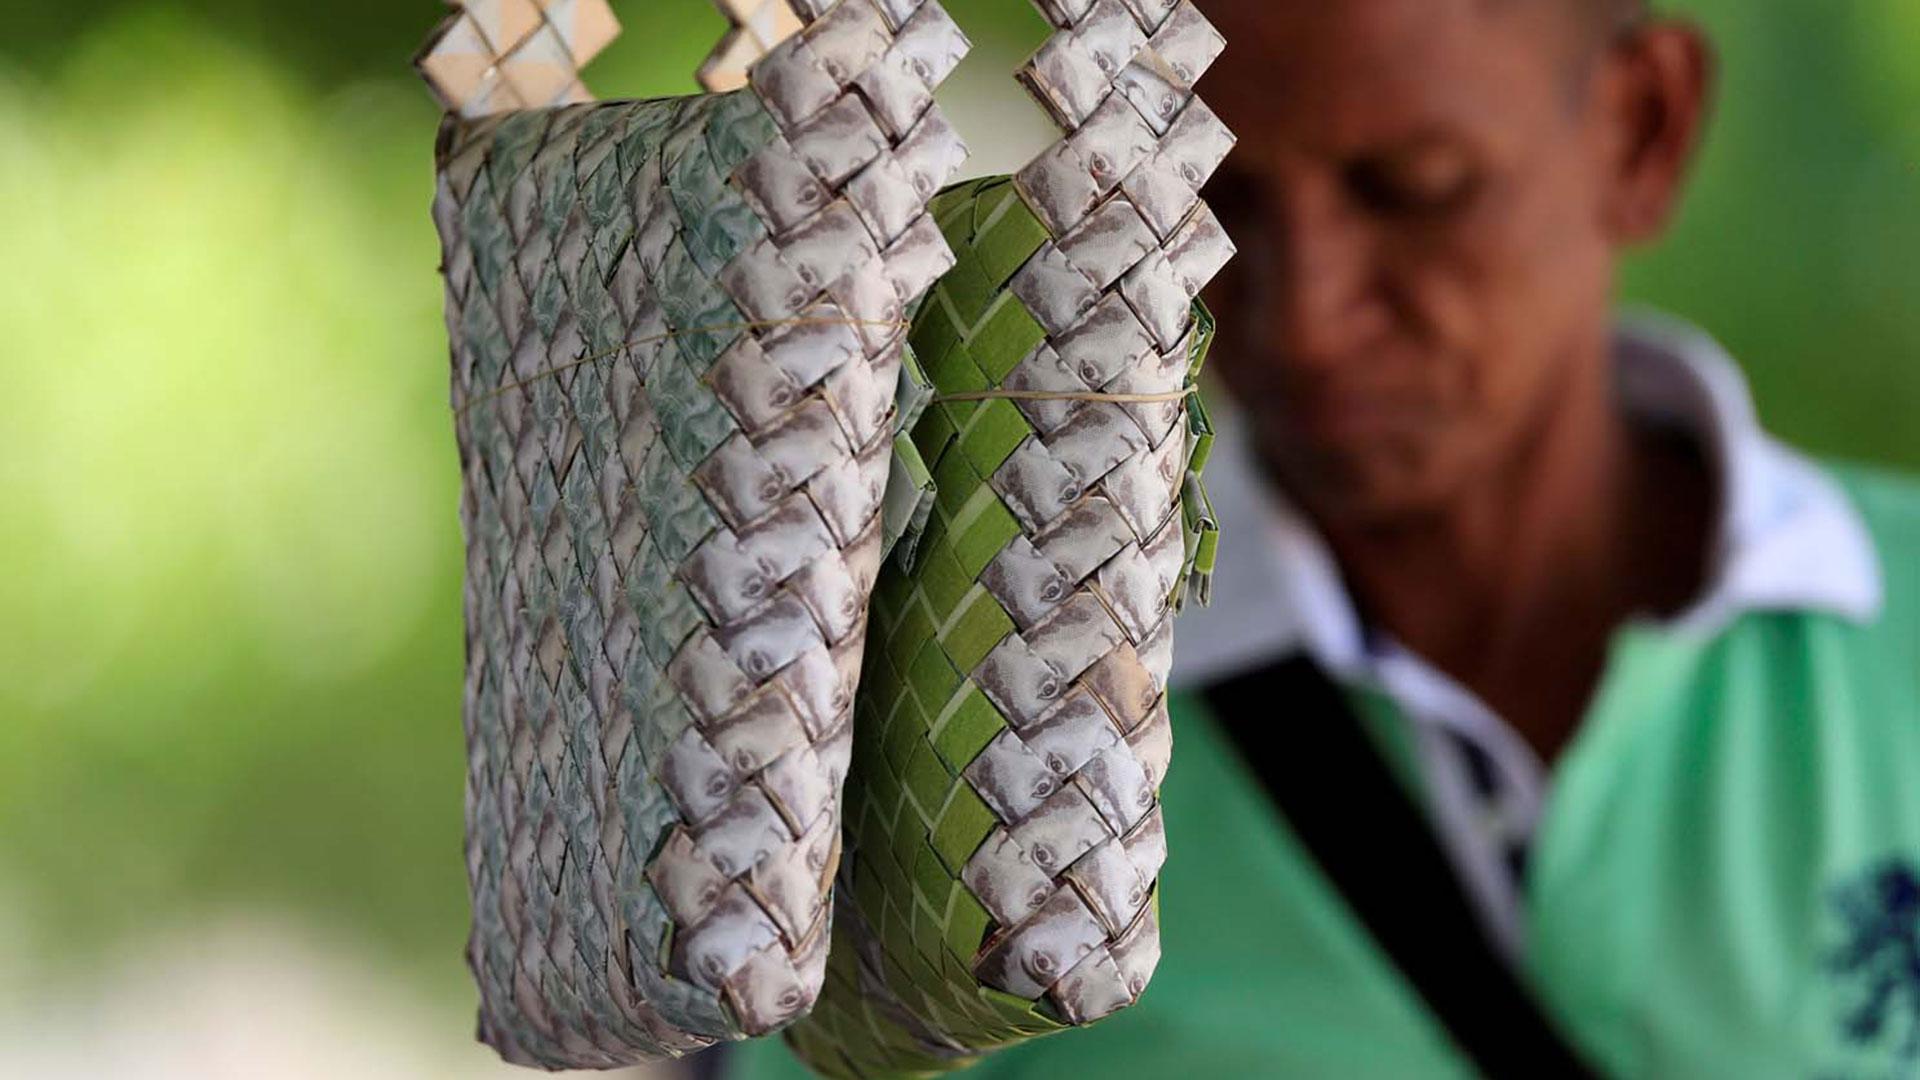 Los bolsos se venden a 15.000 pesos colombianos, unos 5 dólares. El valor nominal de sus 580 billetes de 100 bolívares no alcanza ni una fracción de eso (Reuters)